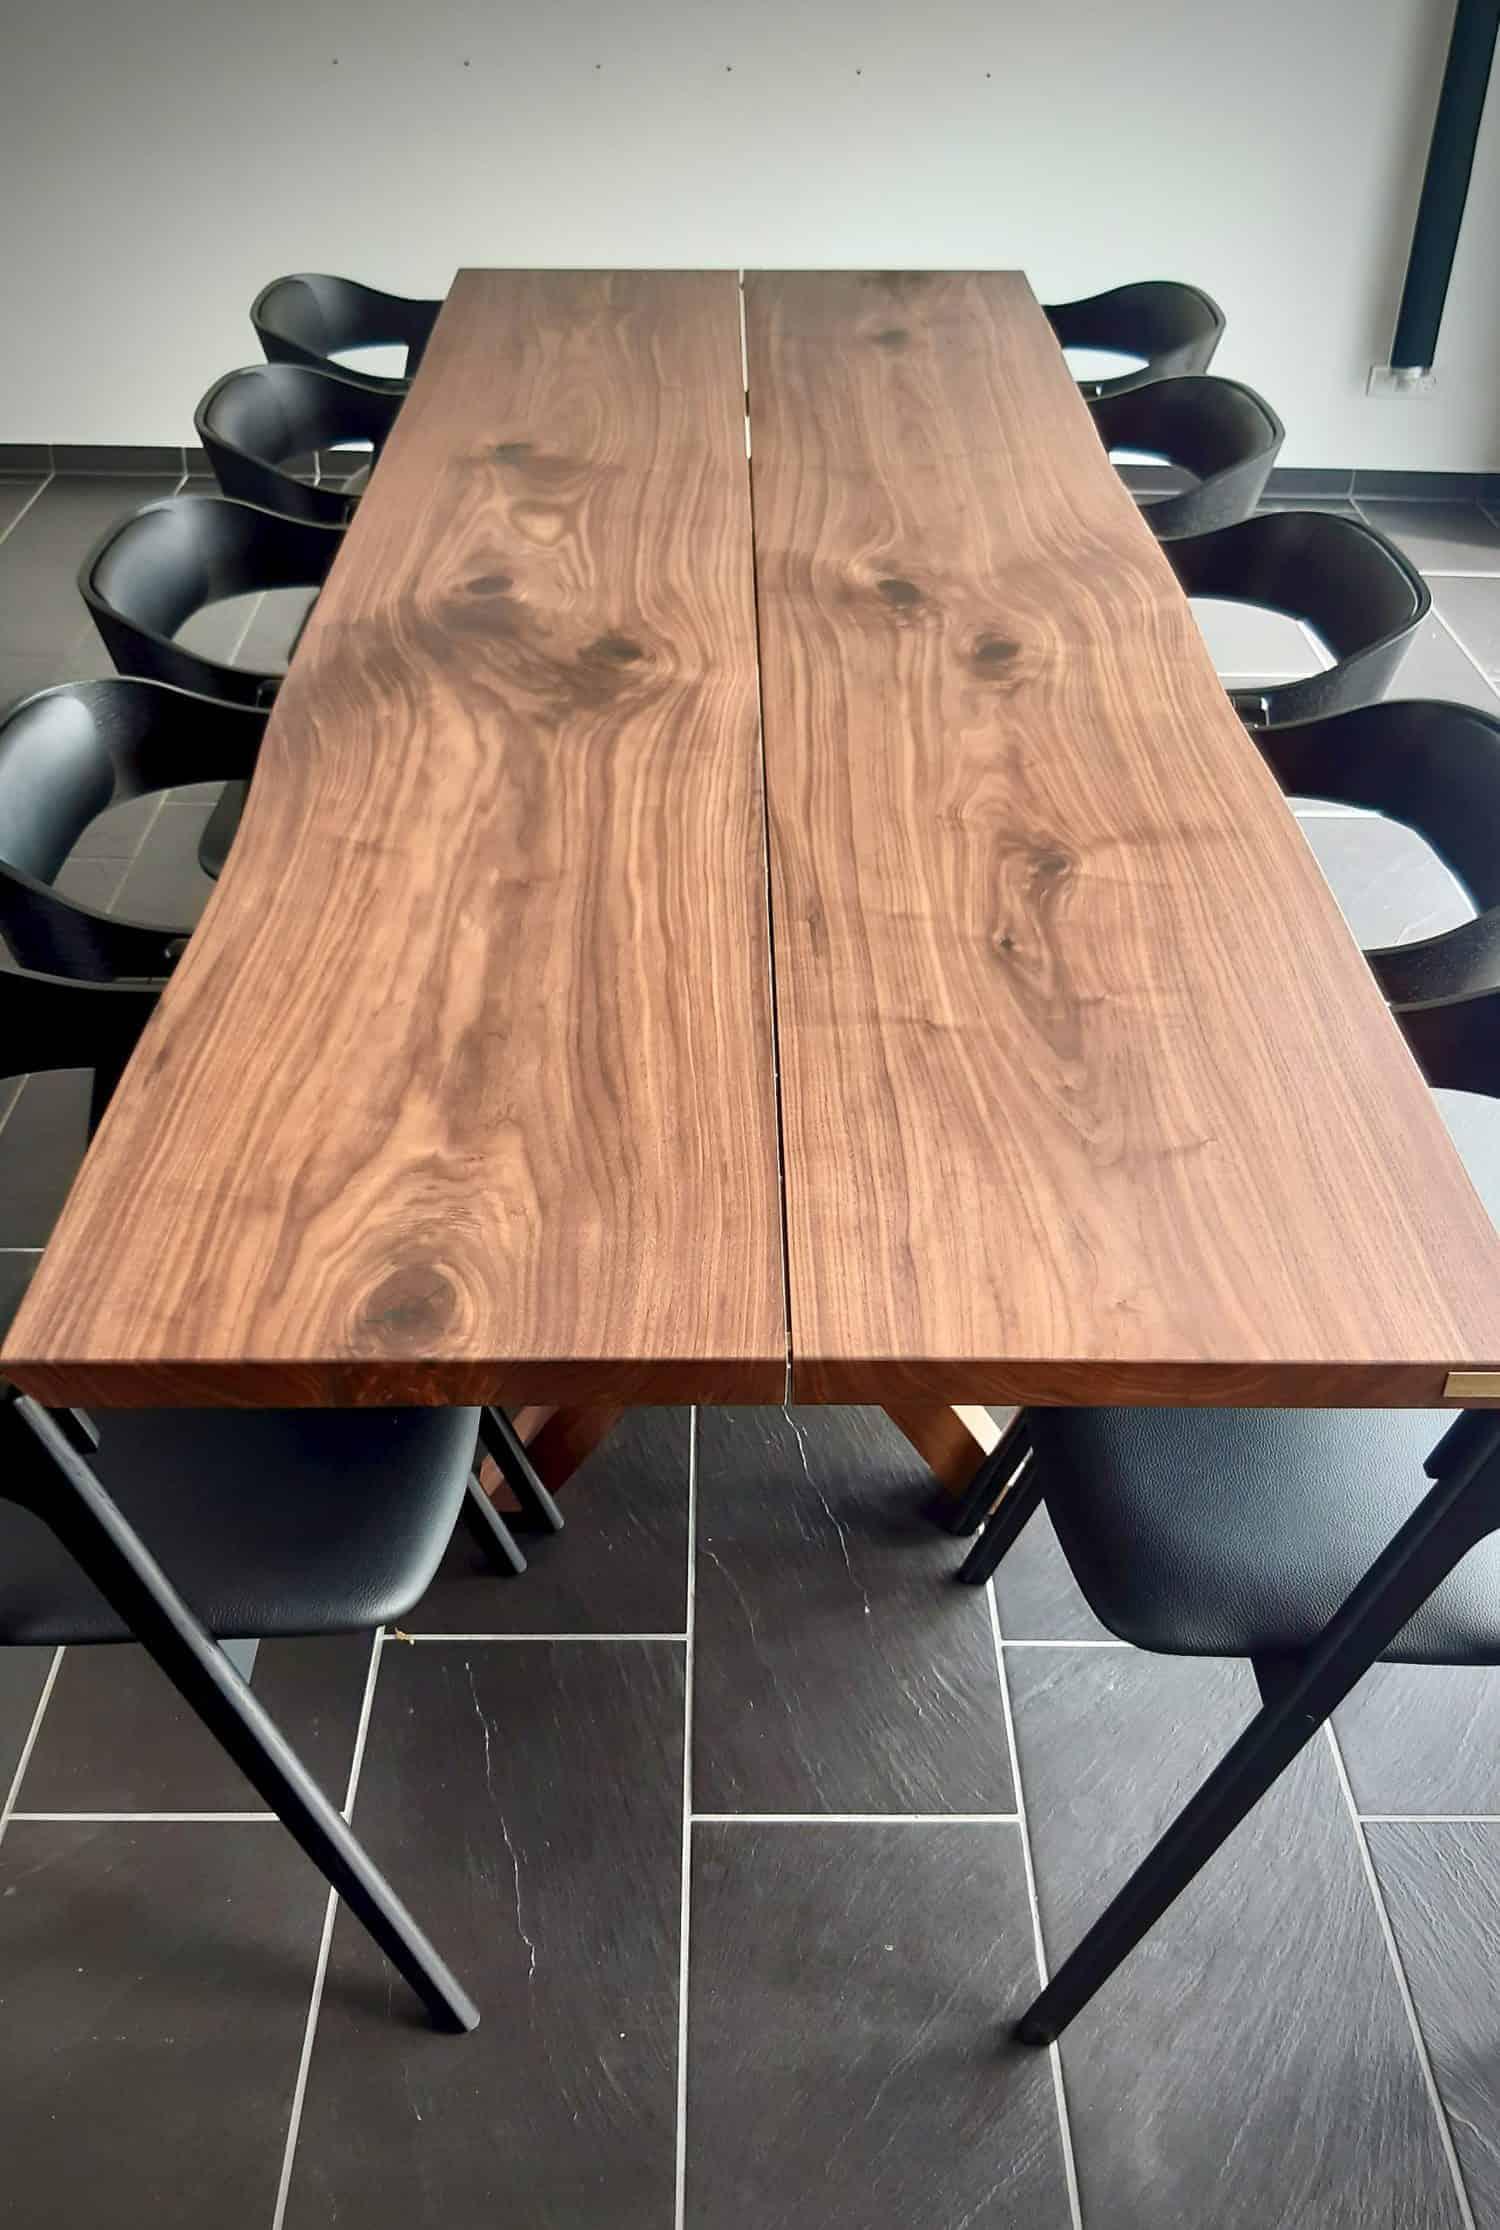 plankebord planke bord i trae Kaerbygård september 2020 6 scaled